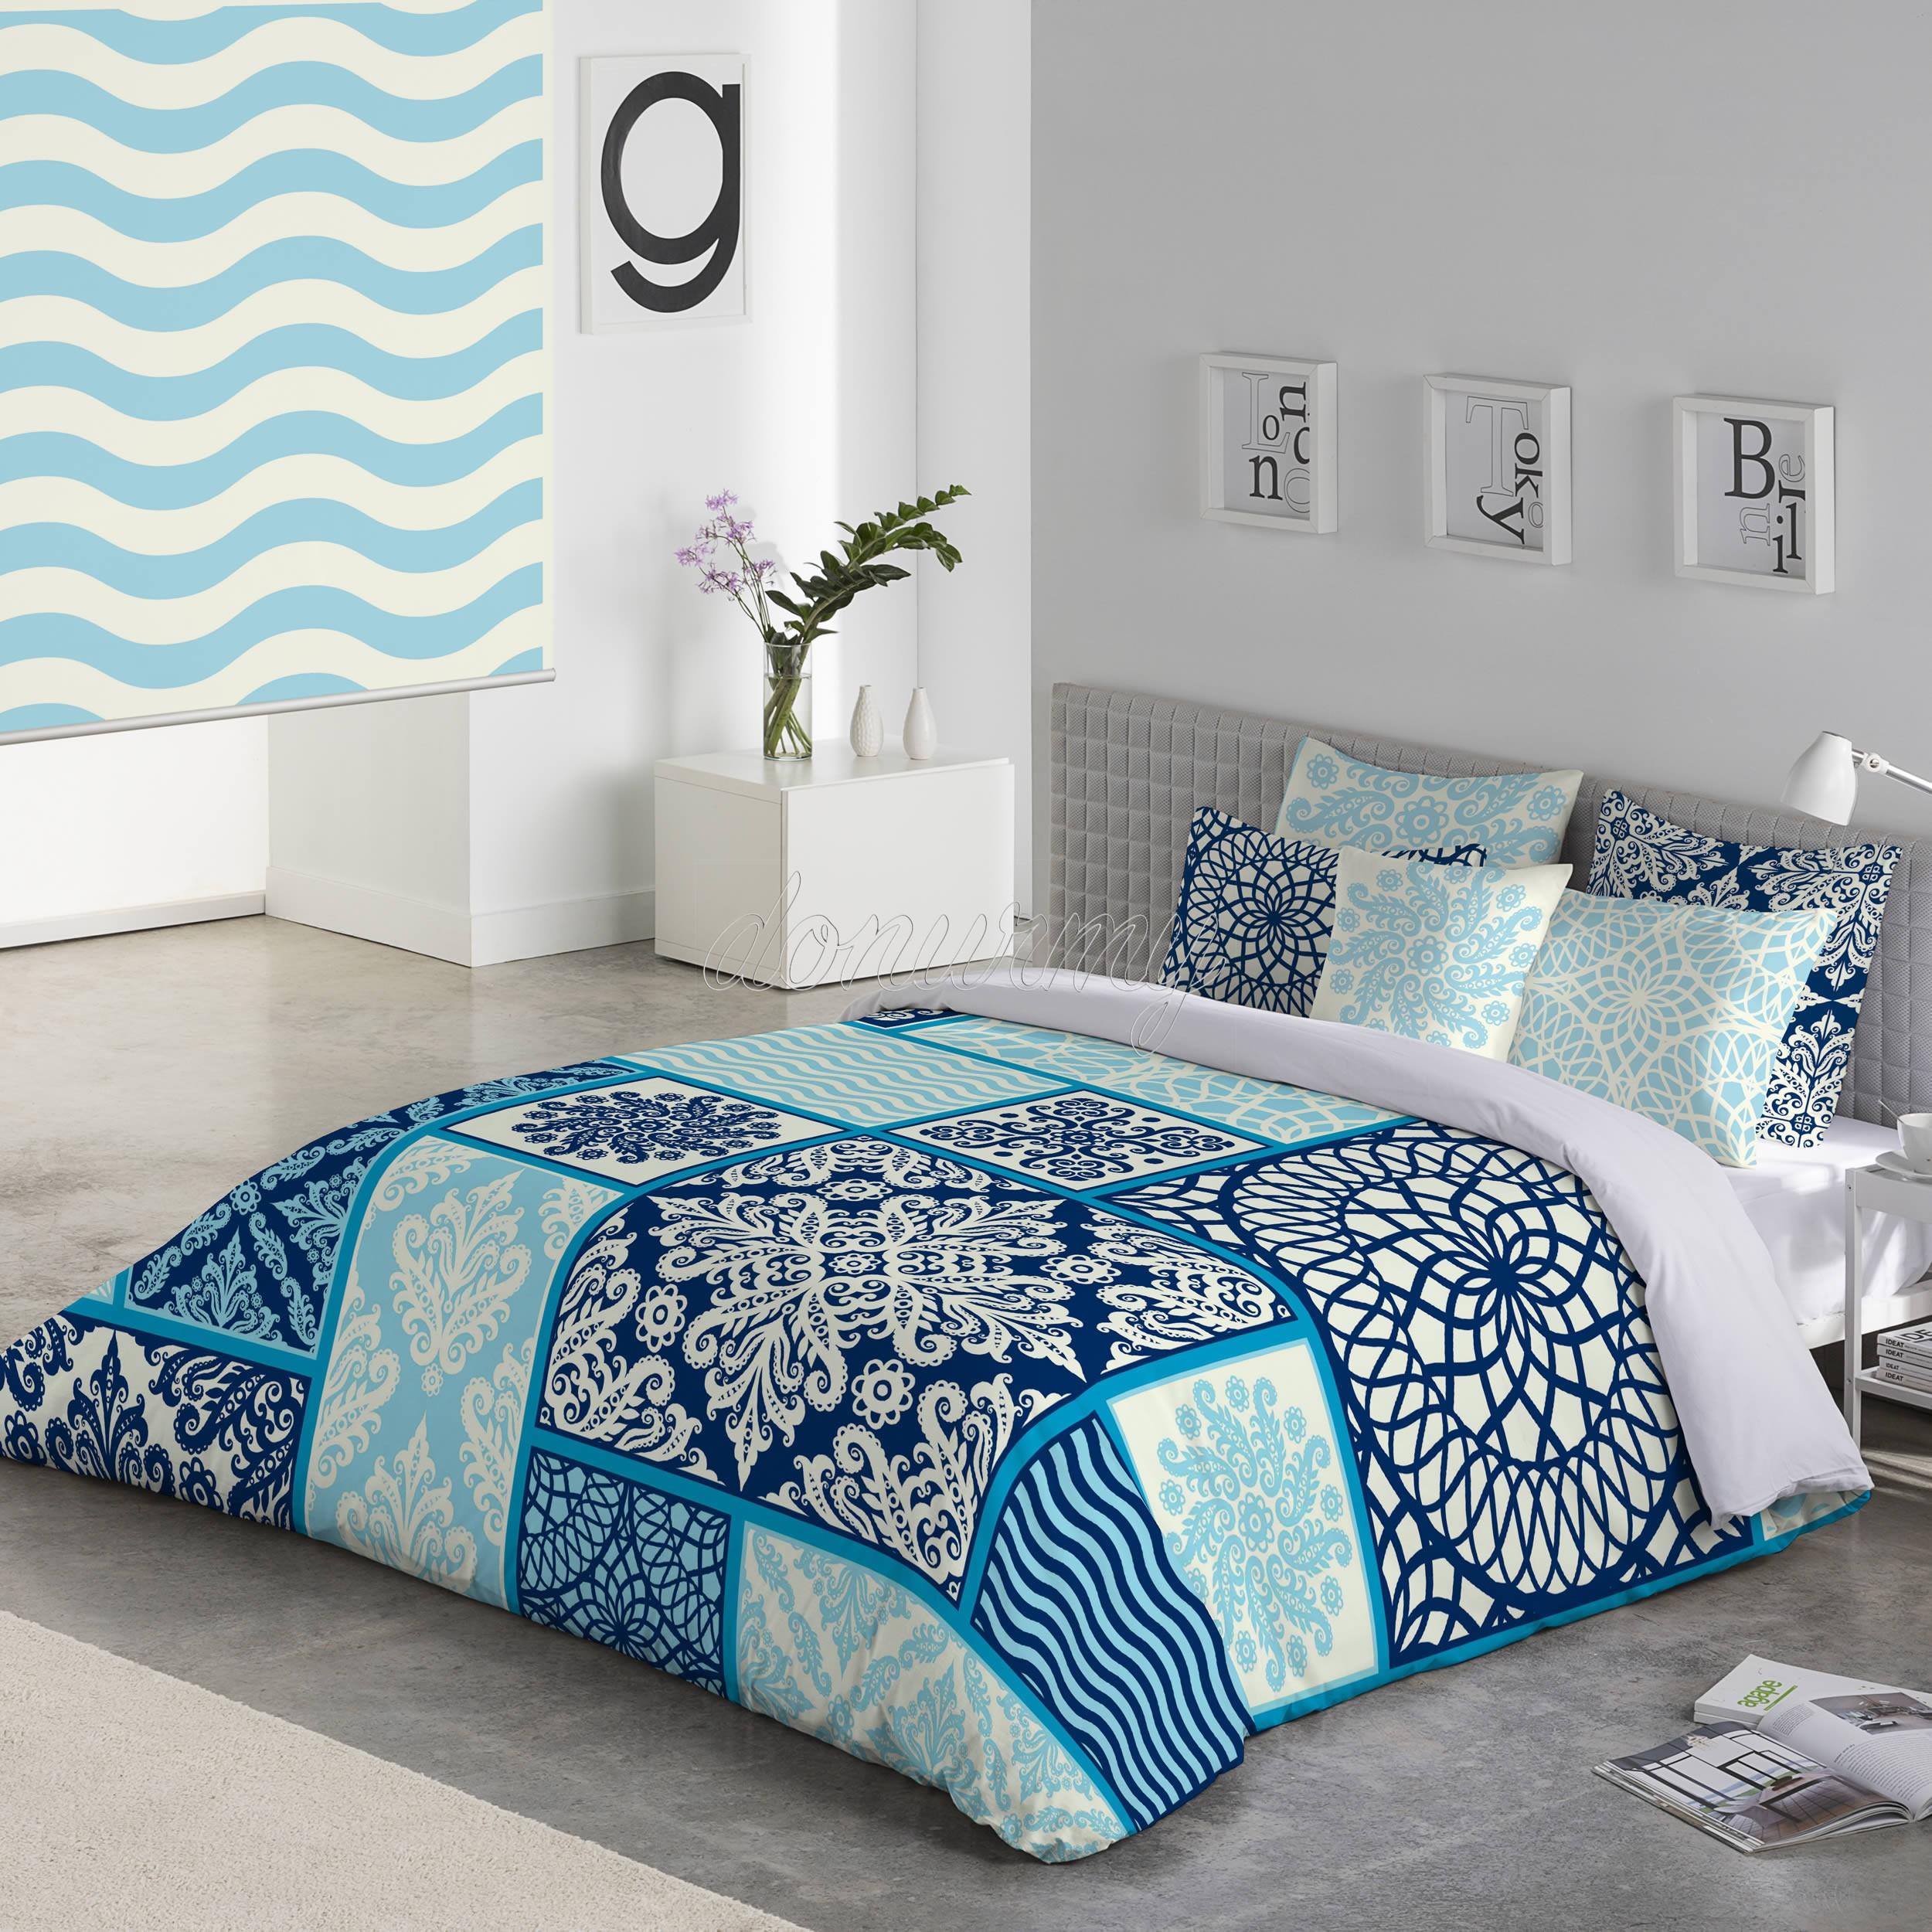 Zebra textil tu cama m s salvaje que nunca for Textil cama